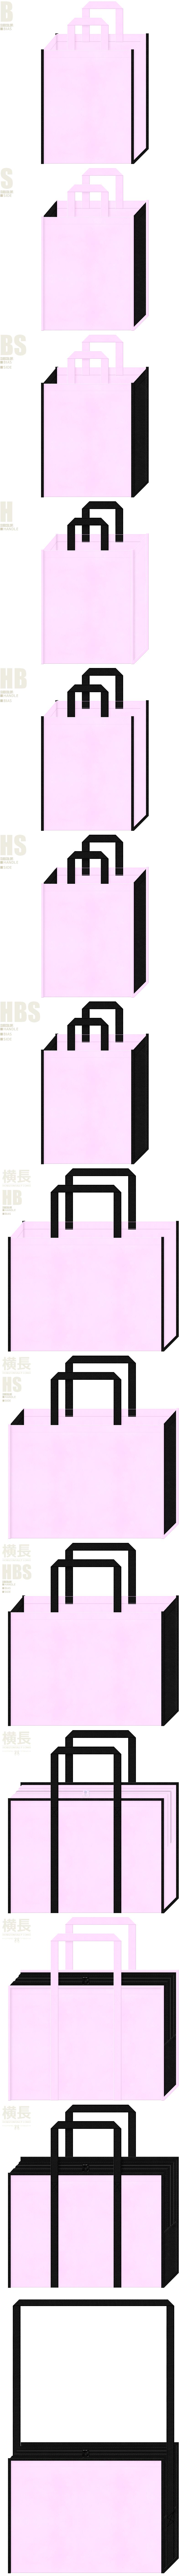 ユニフォーム・運動靴・アウトドア・スポーツイベント・ゴスロリ・猫・フラミンゴ・バタフライ・占い・魔女・魔法使い・ウィッグ・コスプレ・ガーリーデザインにお奨めの不織布バッグデザイン:明るいピンク色と黒色の配色7パターン。